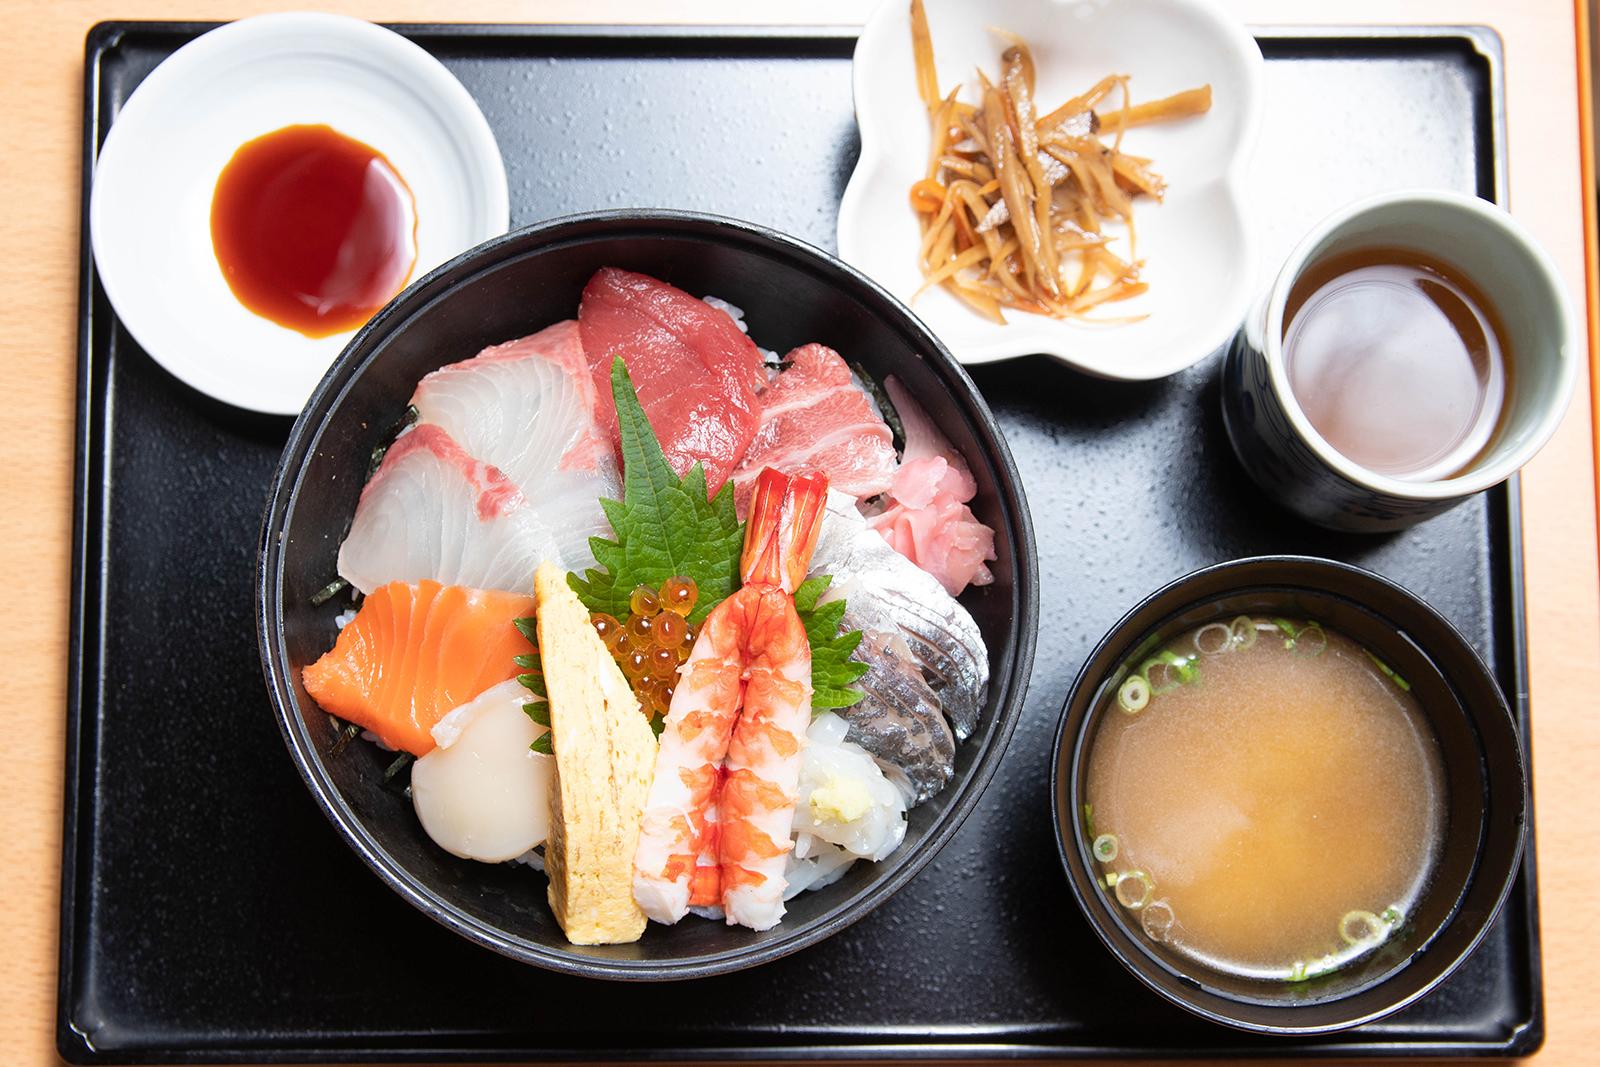 海鮮丼 ¥1,450【税込】(小付け・みそ汁付き)